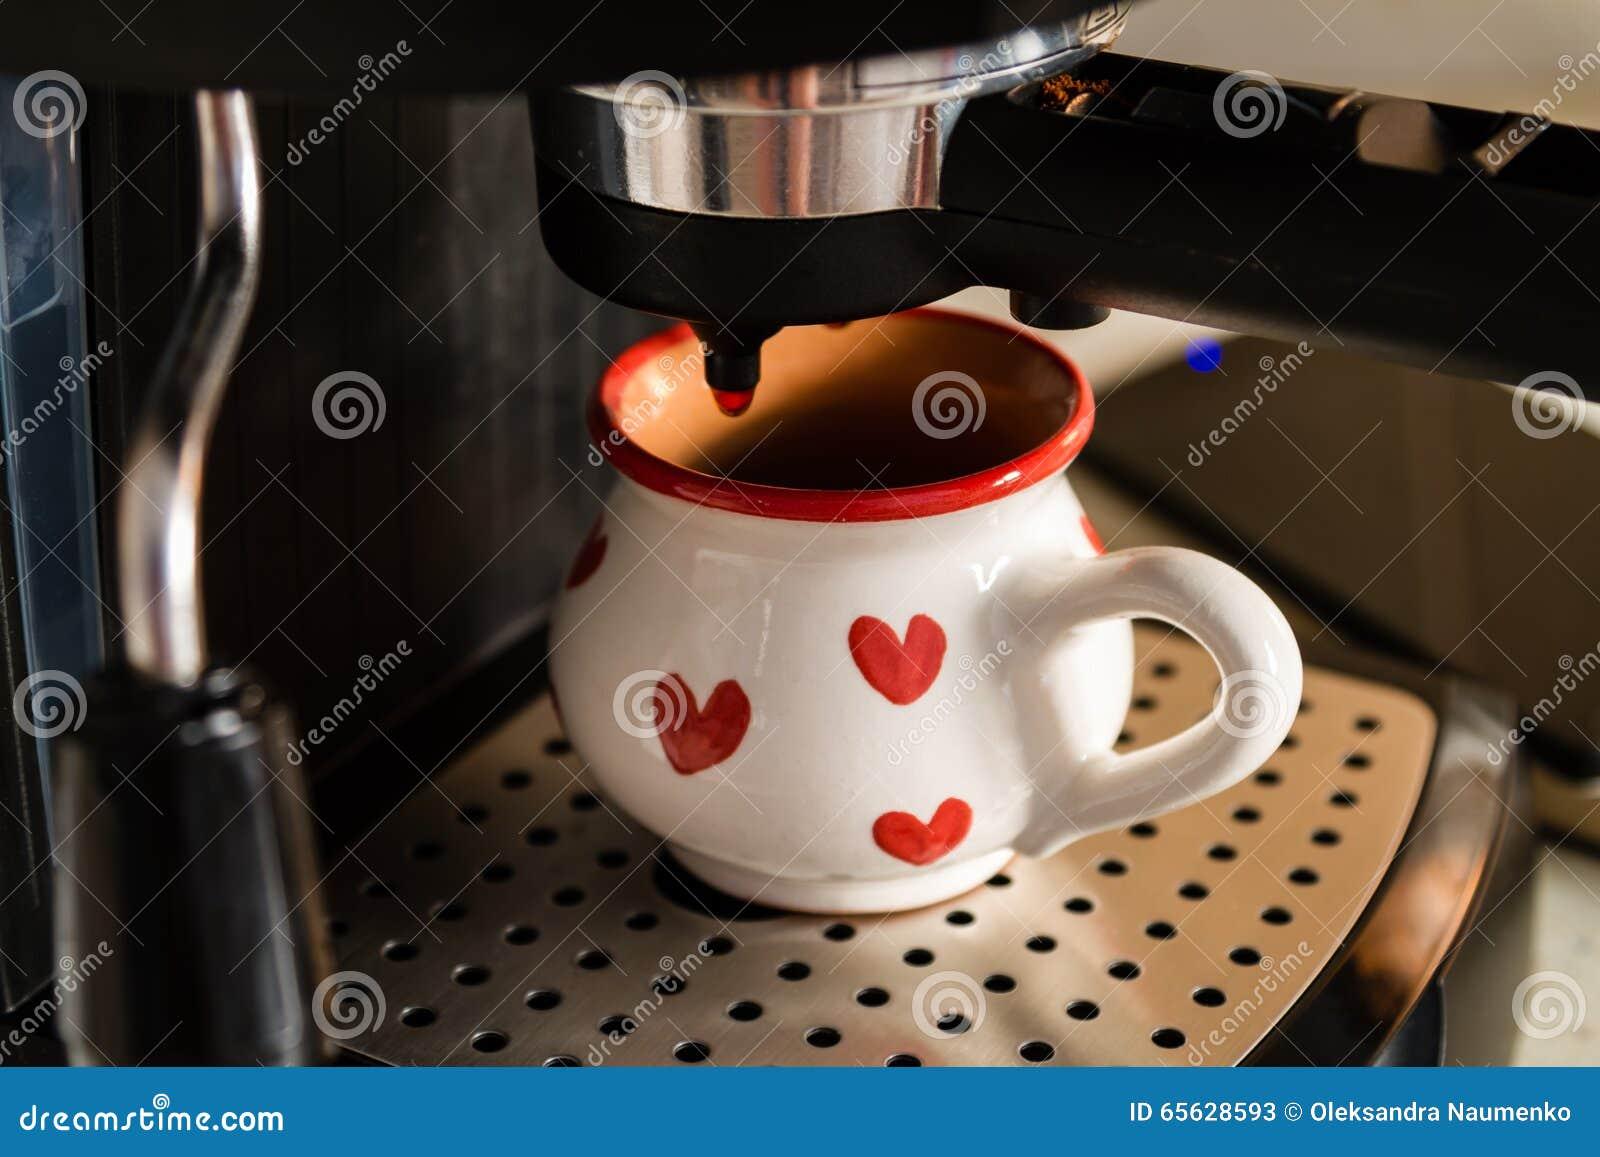 Préparation du café dans la machine, fond de cuisine